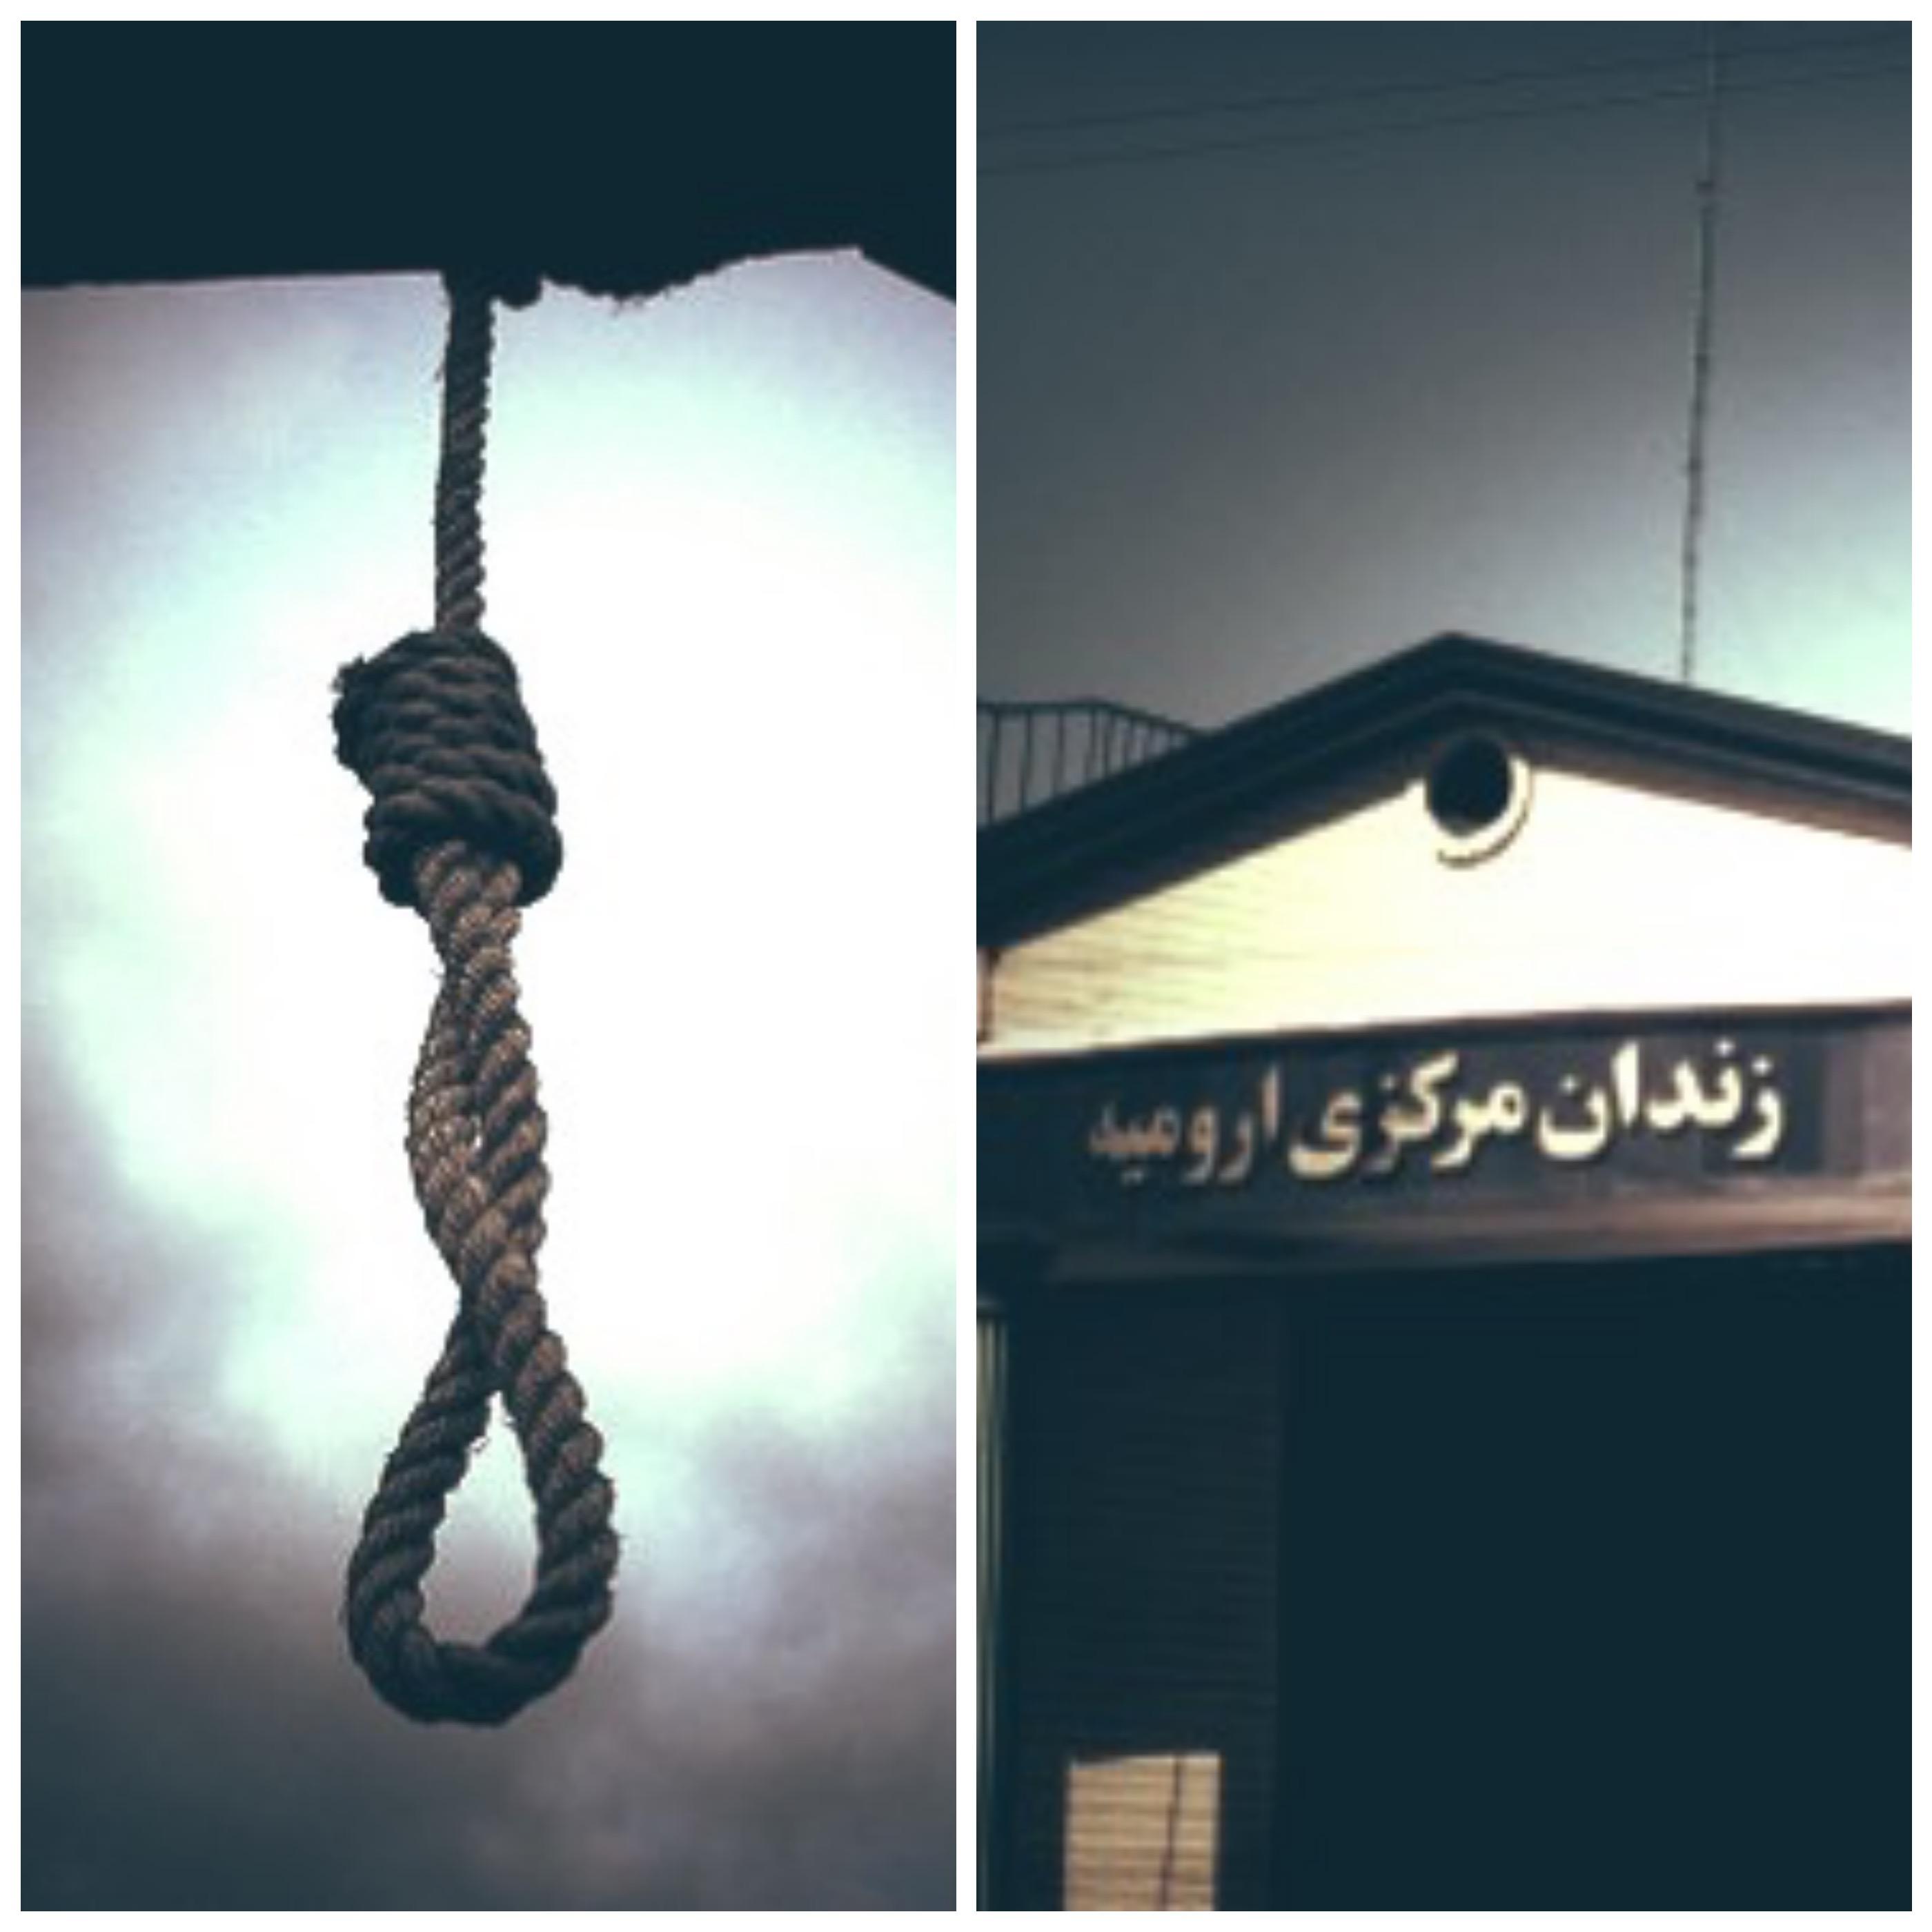 اعدام چهار زندانی در ارومیه